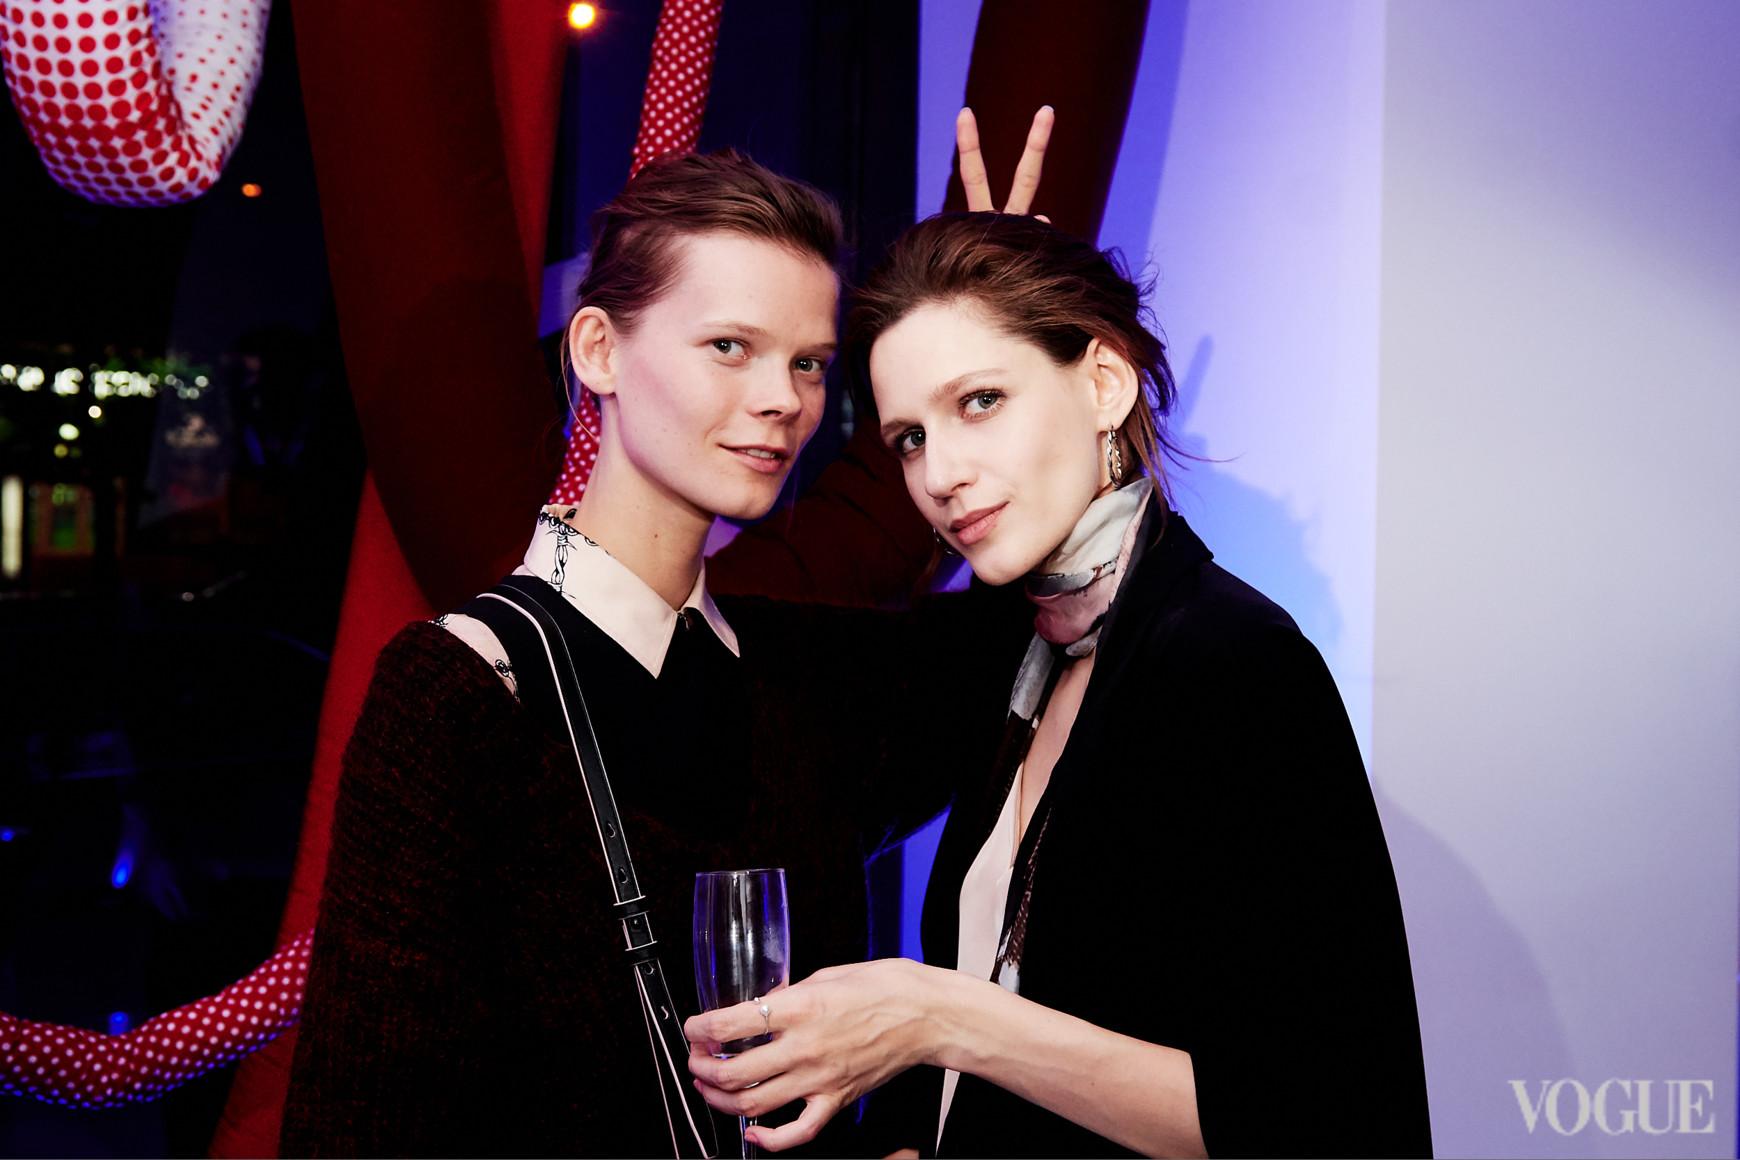 Ирина Кравченко и Элла Задавысвичка